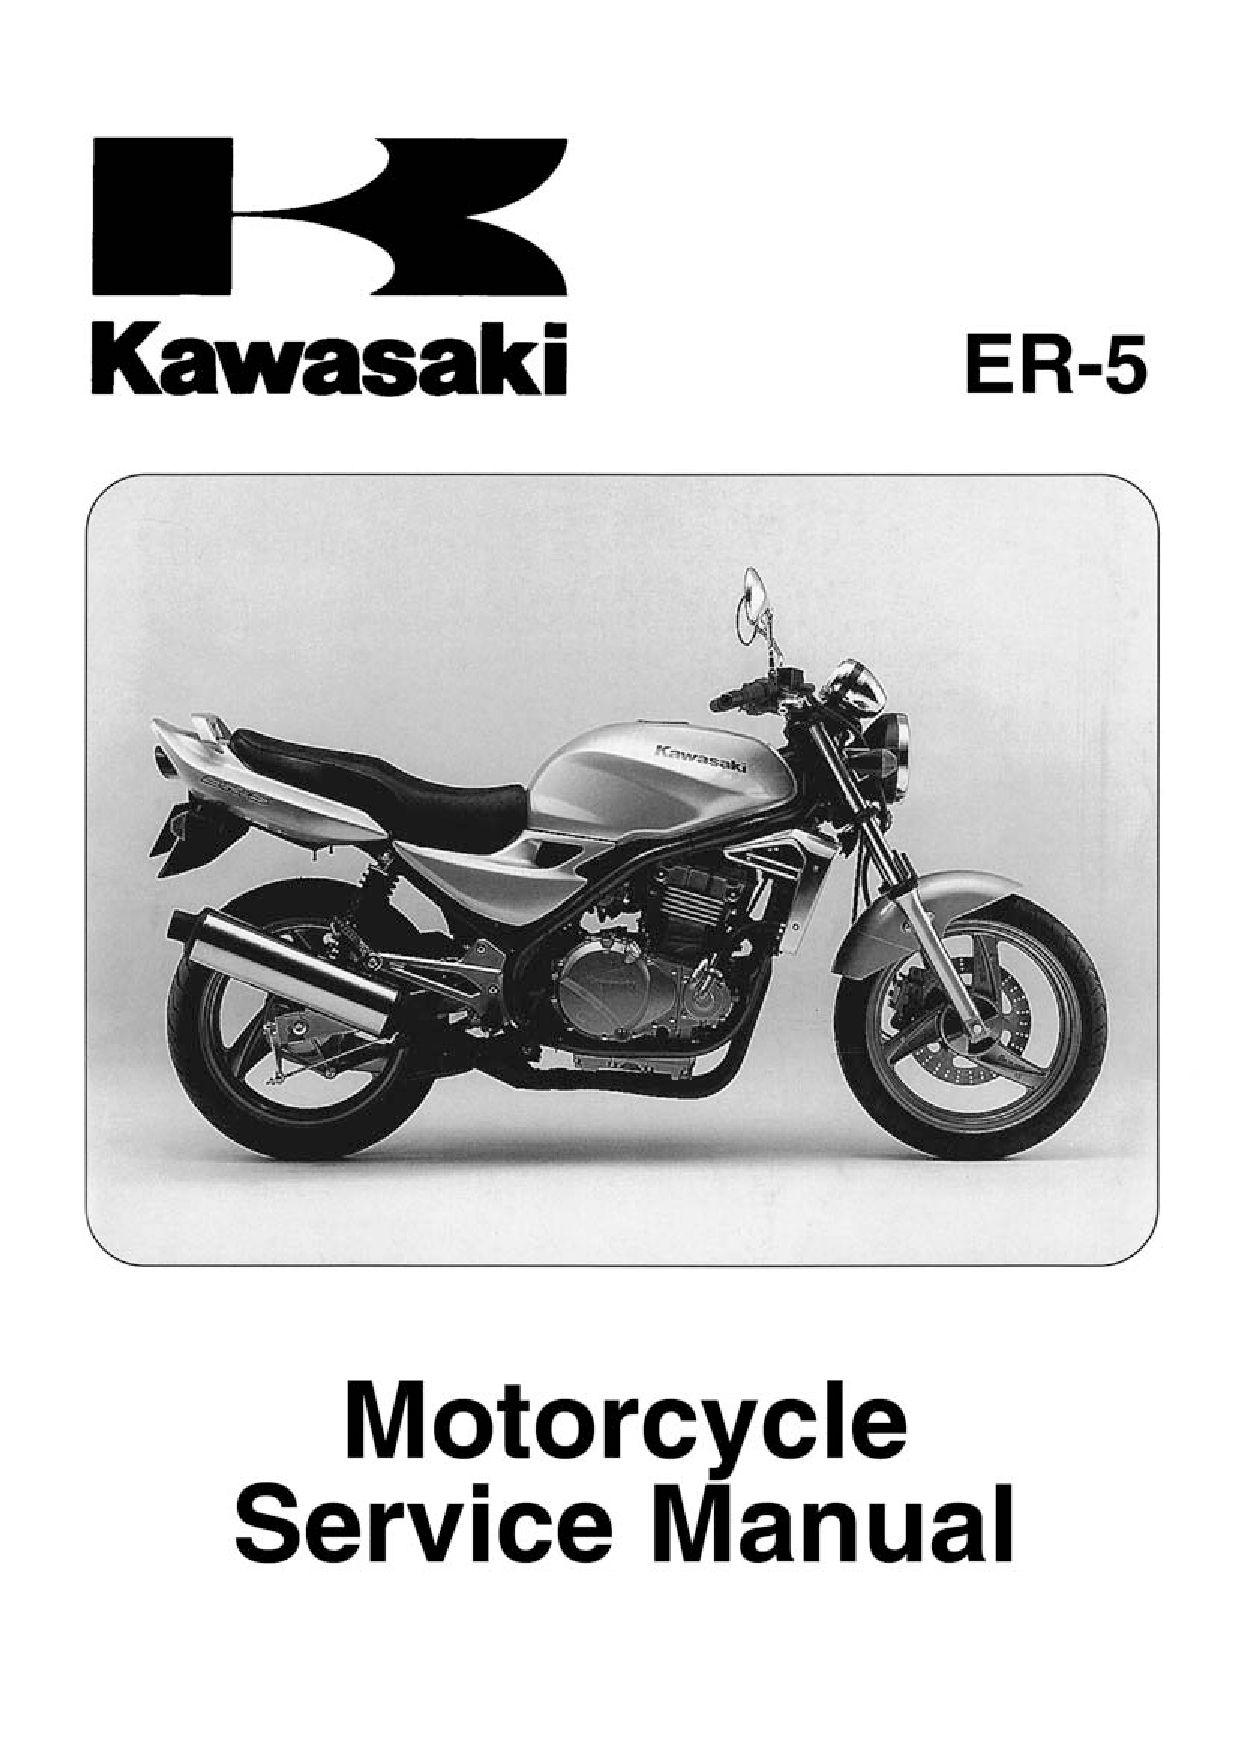 Kawasaki Er5 2004 Repair Manual Pdf Download Service Manual Repair Manual Pdf Download Repair Manuals Manual Kawasaki